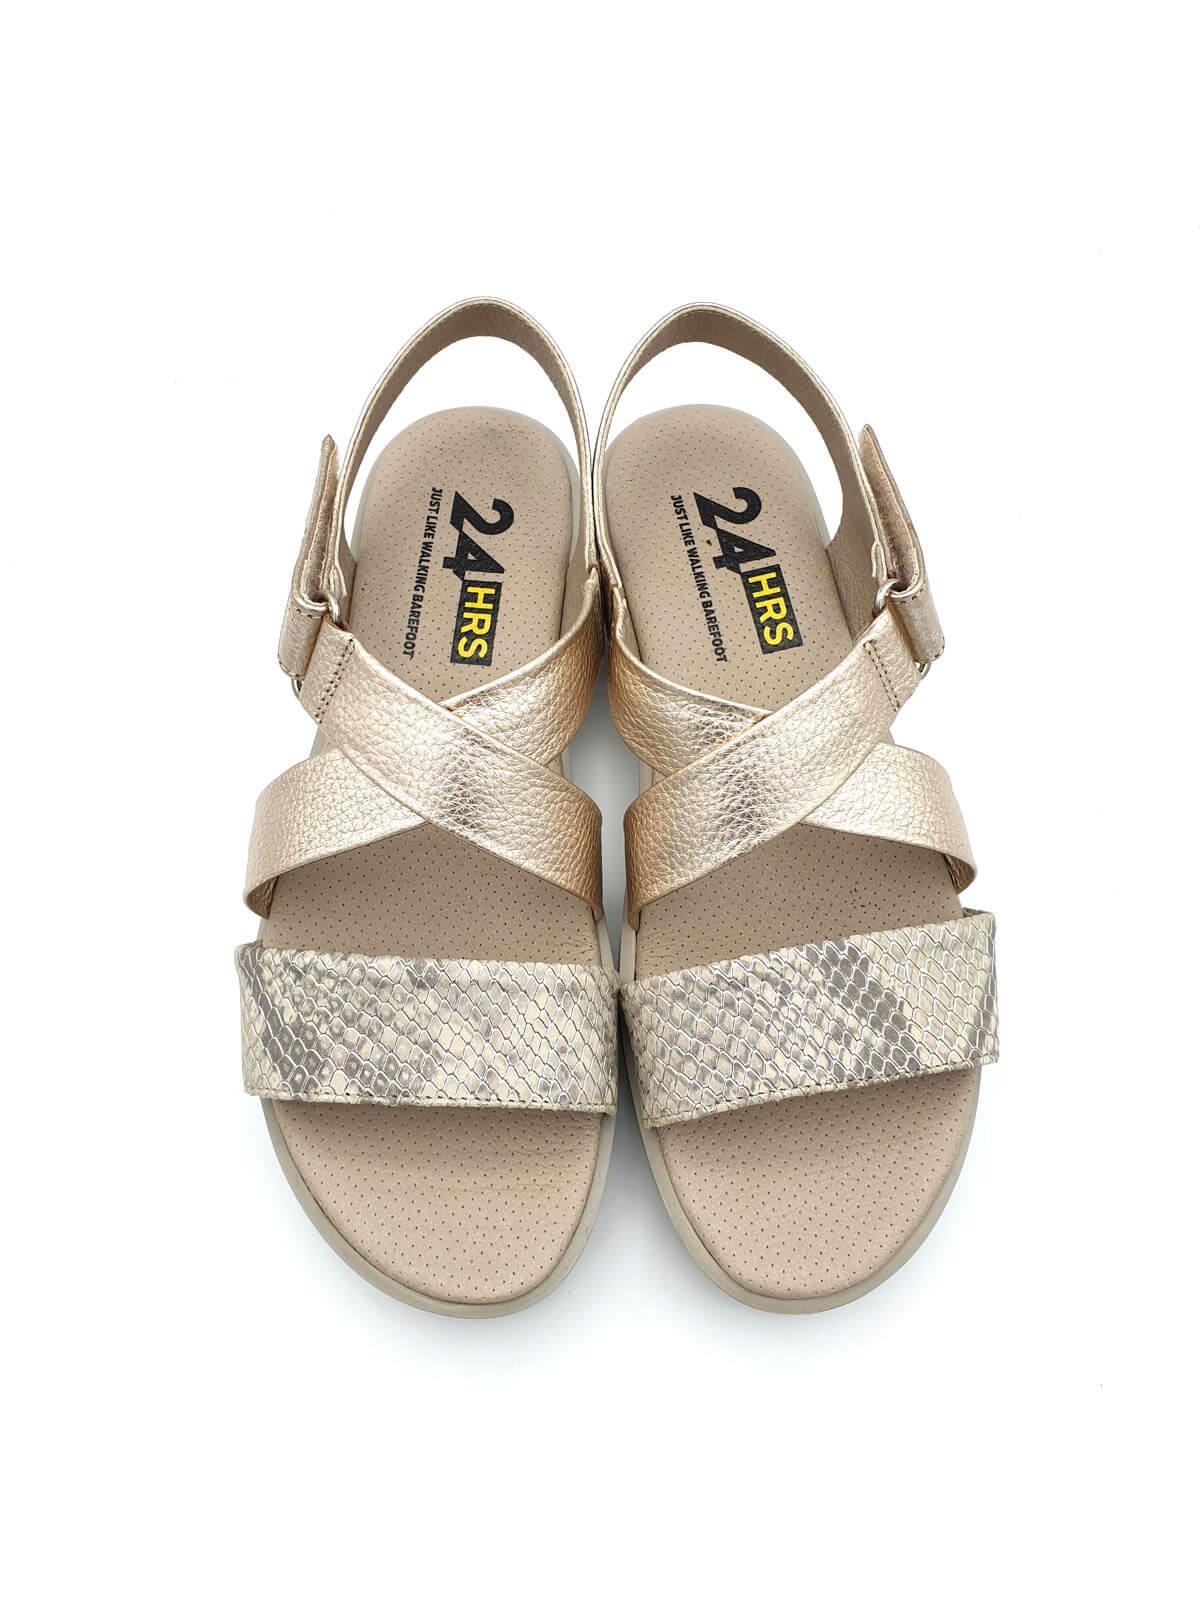 Moda Planas Zapatos De Sandalias Doradas MujerBanes 24hrs wOkn80P